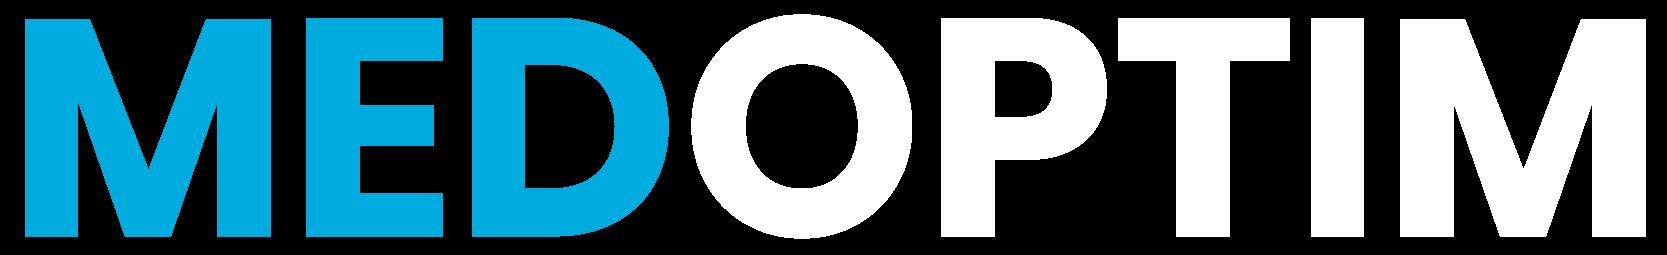 th 19370241200 1667x255 1